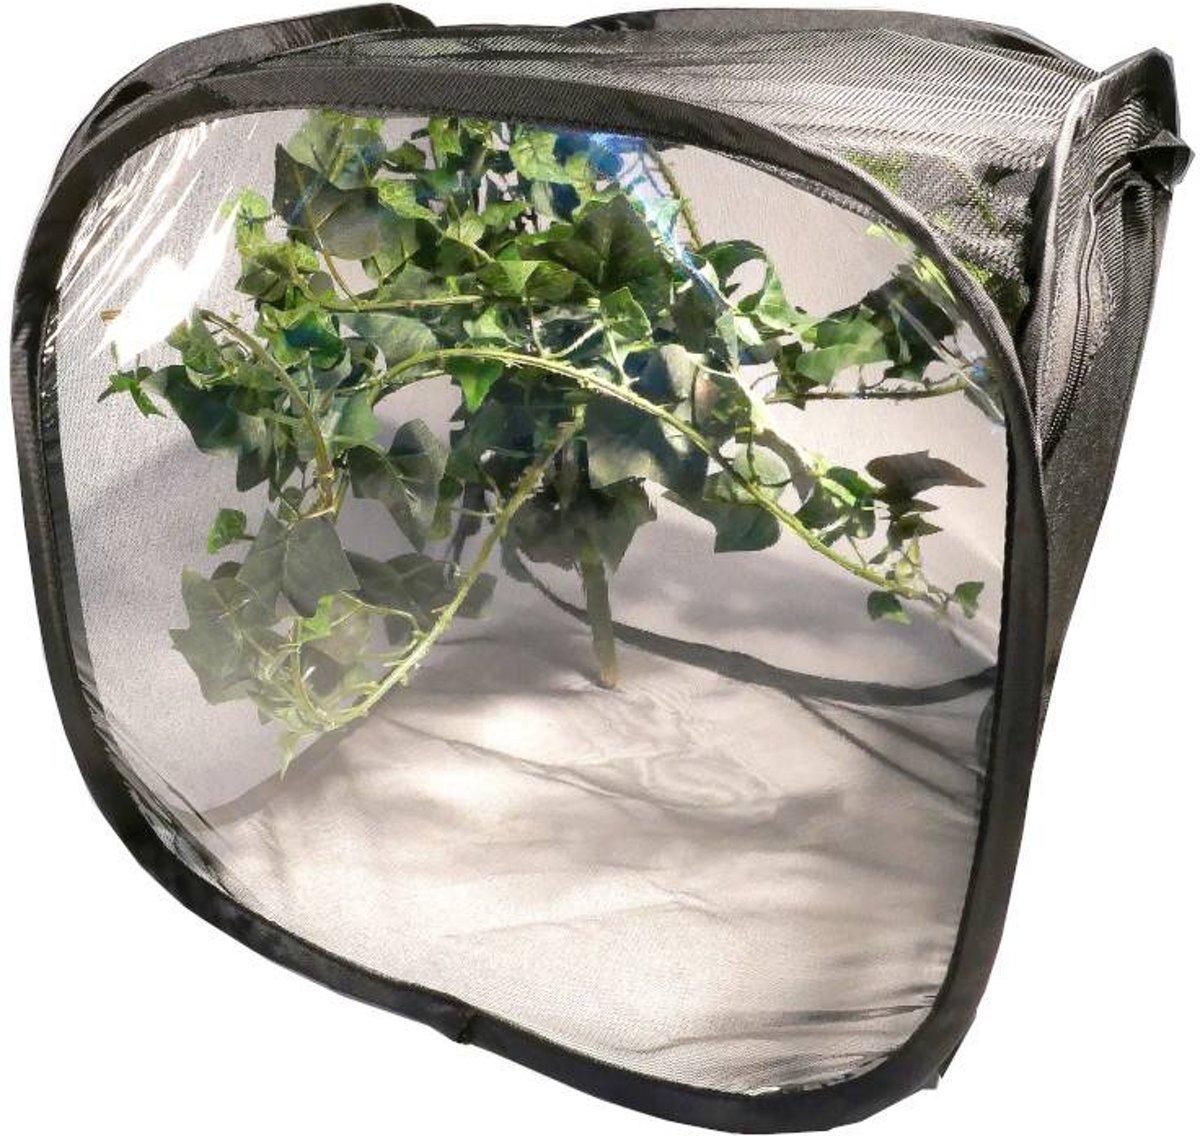 Insecten kweeknet, netcage M versie 2.0 kopen